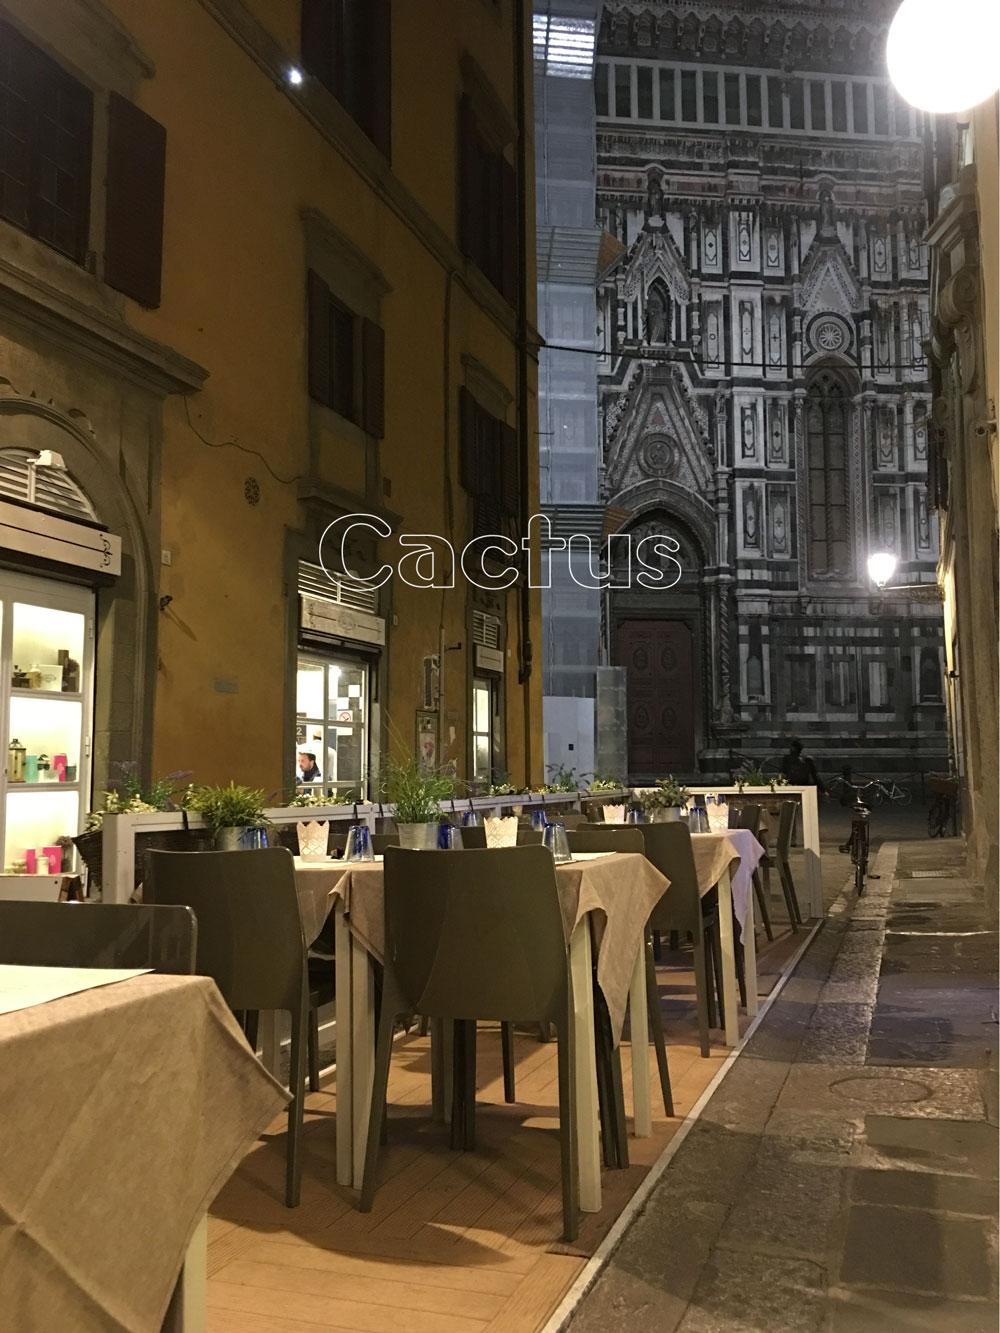 Ristorante Buca Niccolini, via Ricasoli 5, Firenze